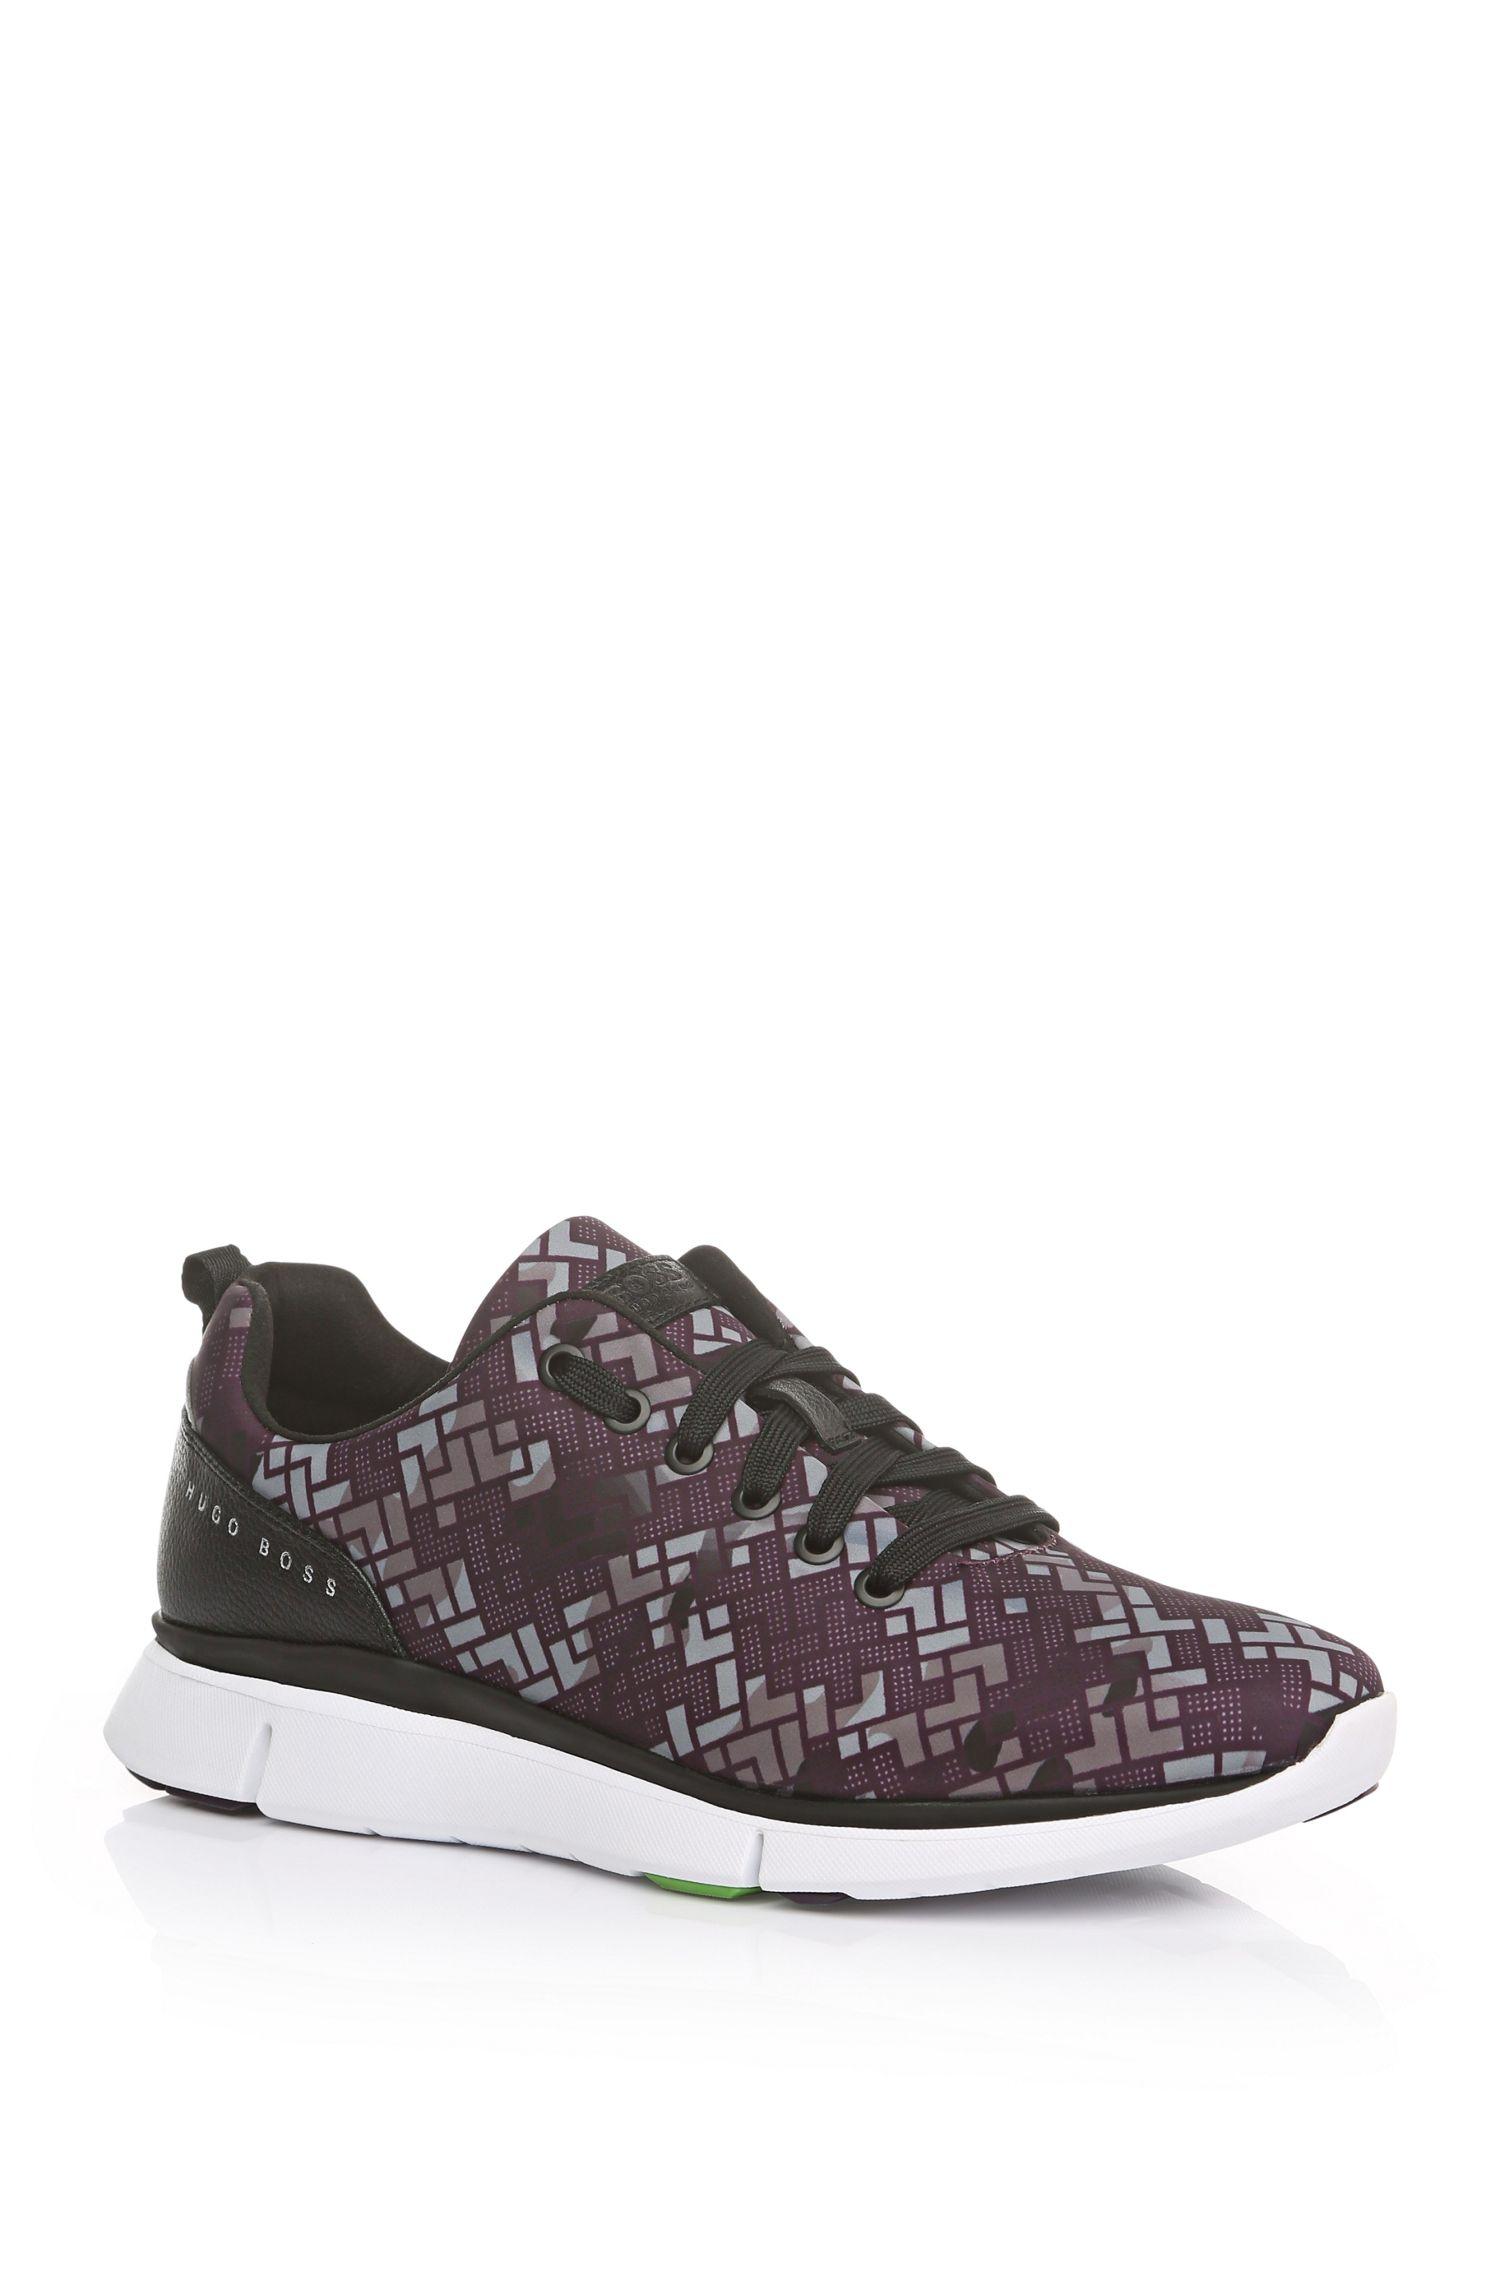 Printed Nylon Sneaker | Gym Print